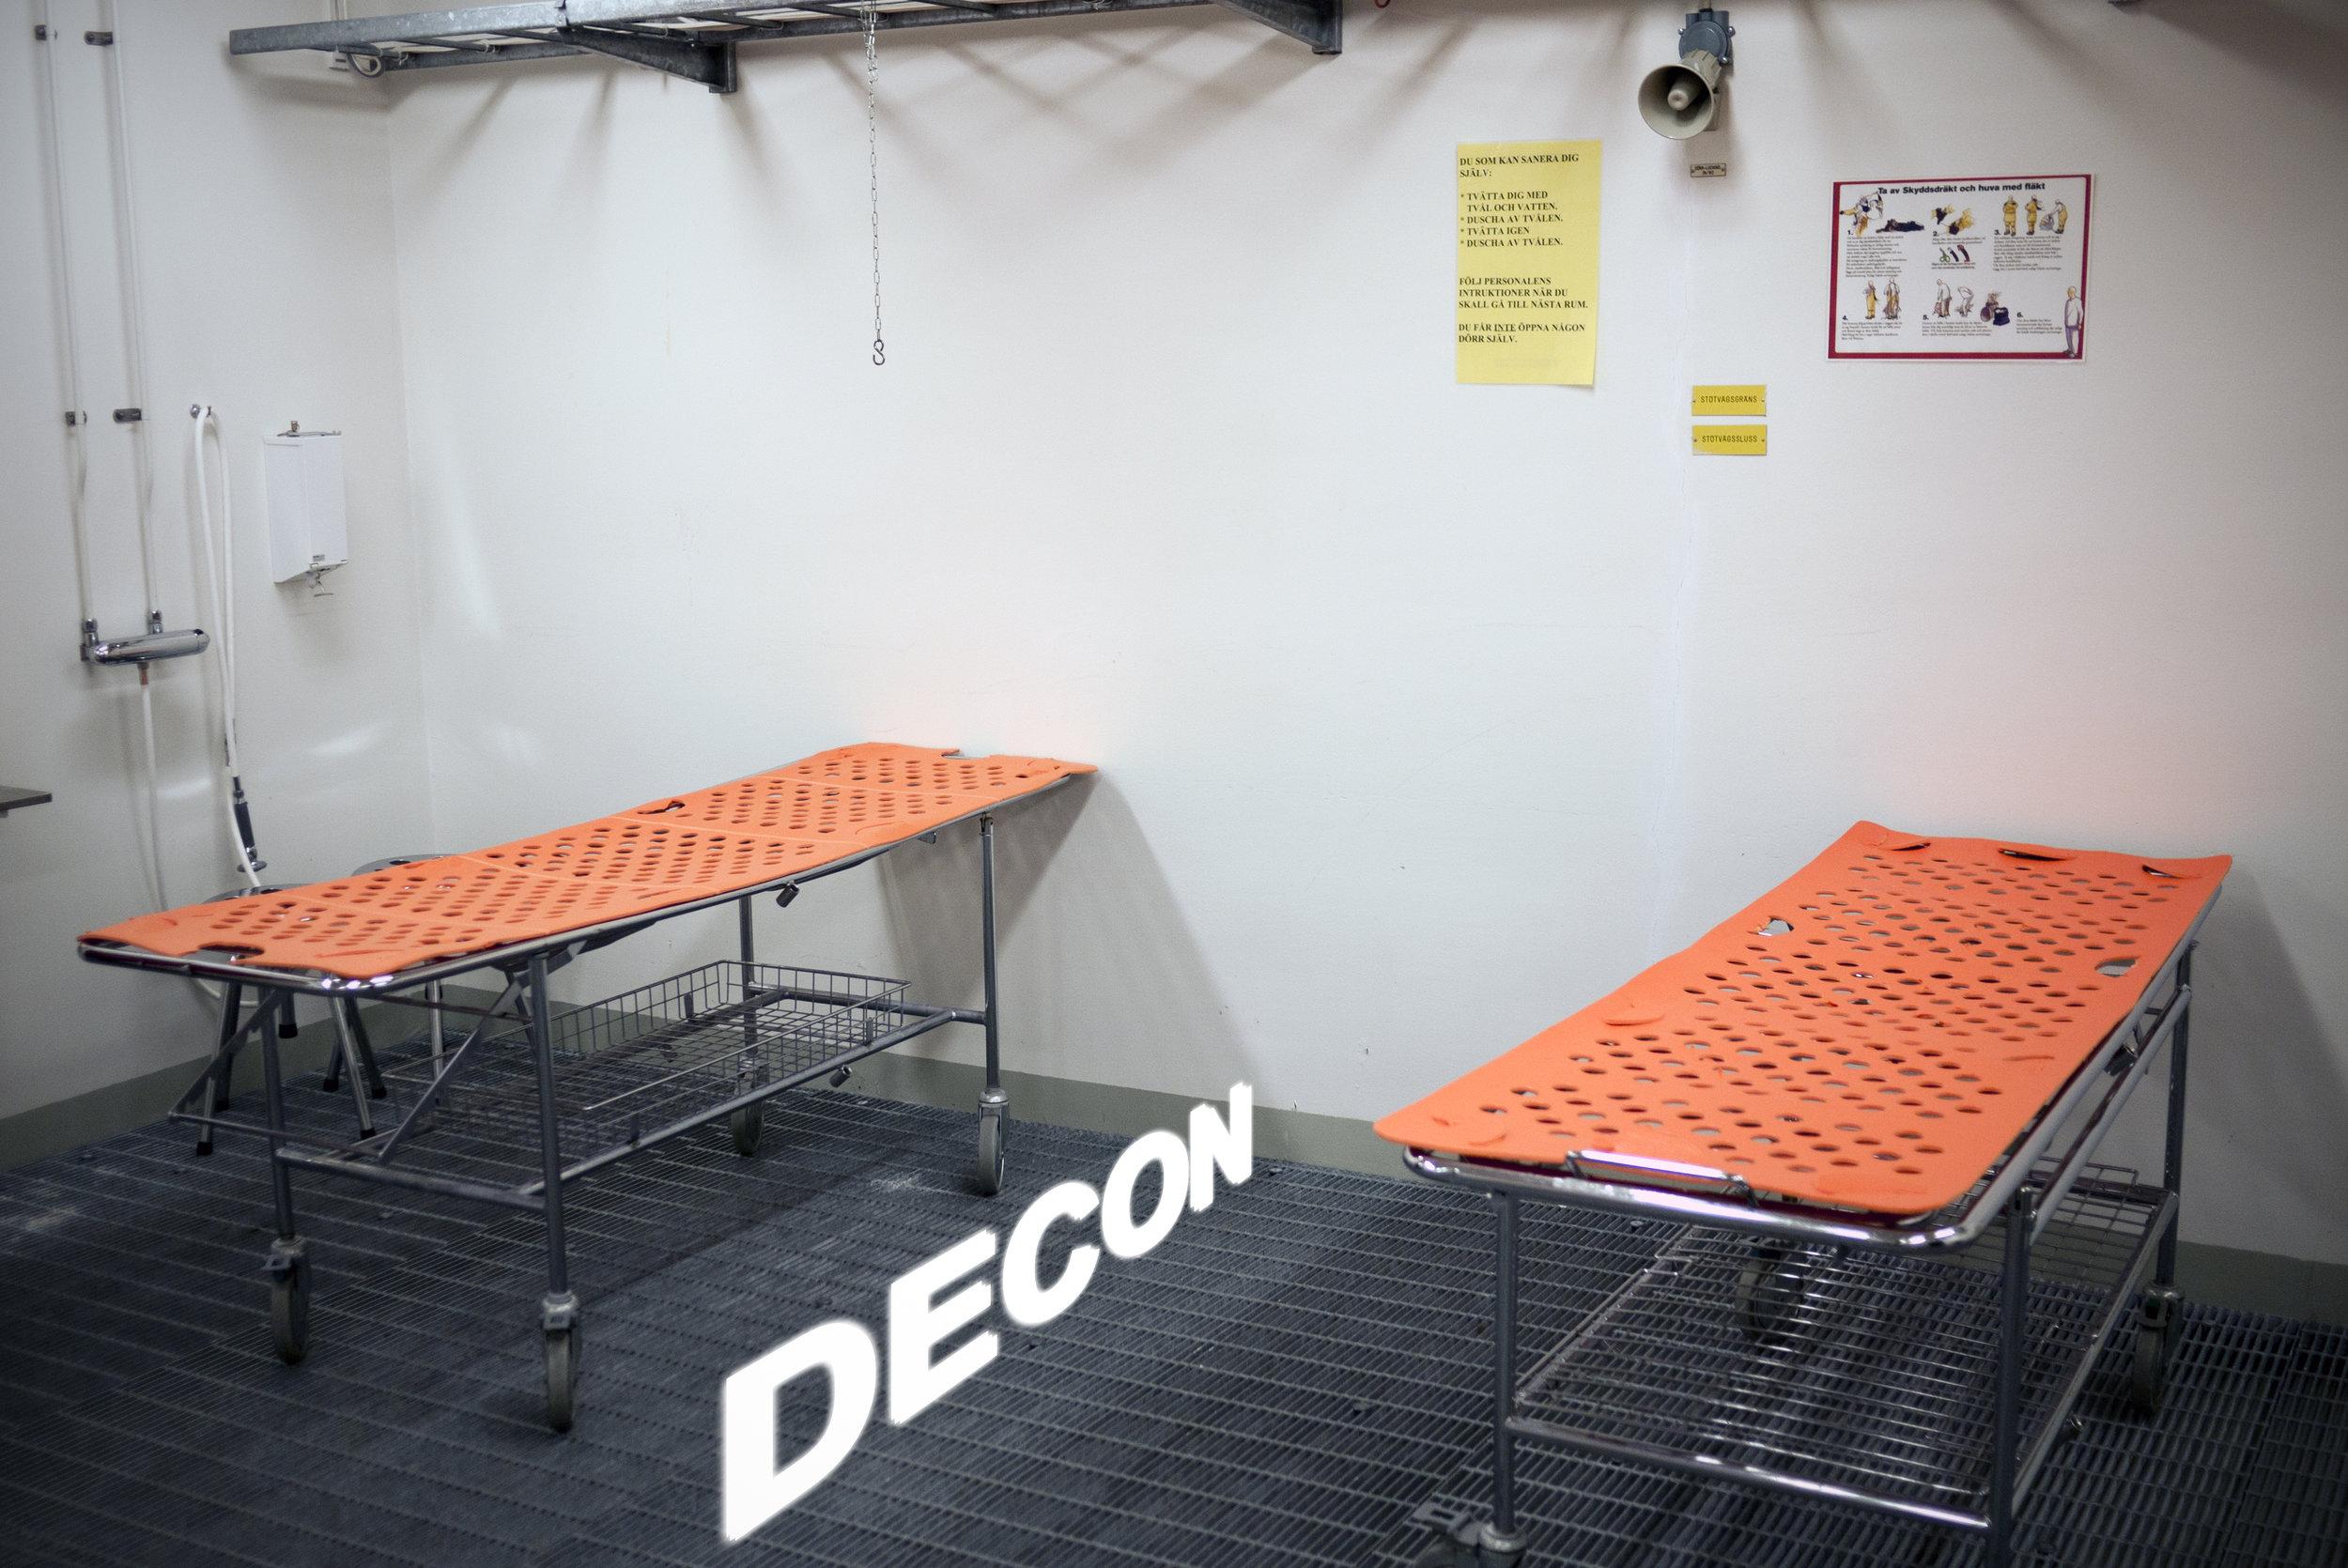 DECON.jpg